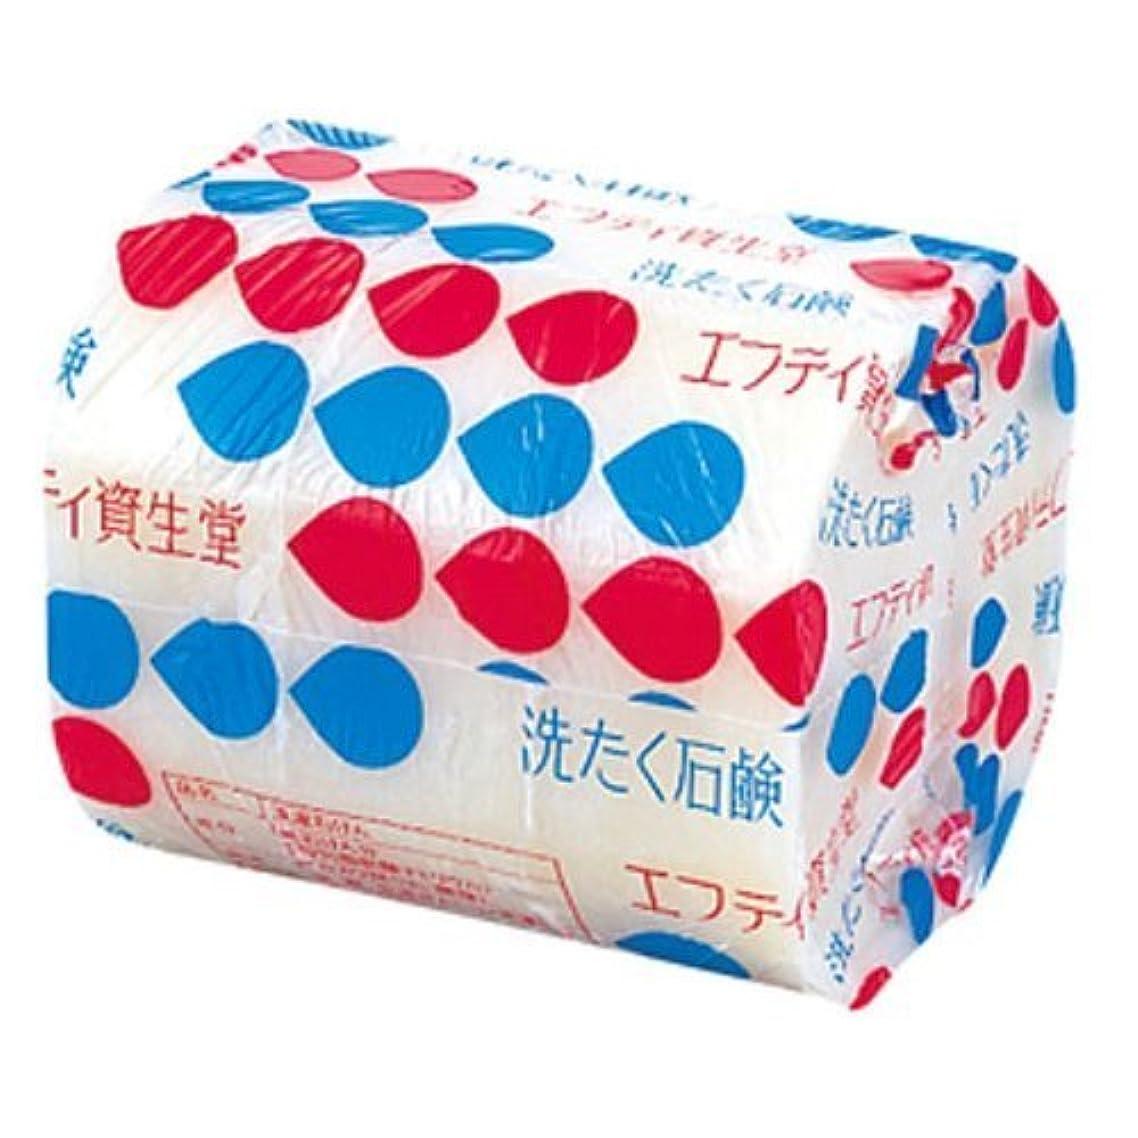 こんにちは矛盾付与【資生堂】エフティ資生堂洗たく石鹸花椿型3コパック200g